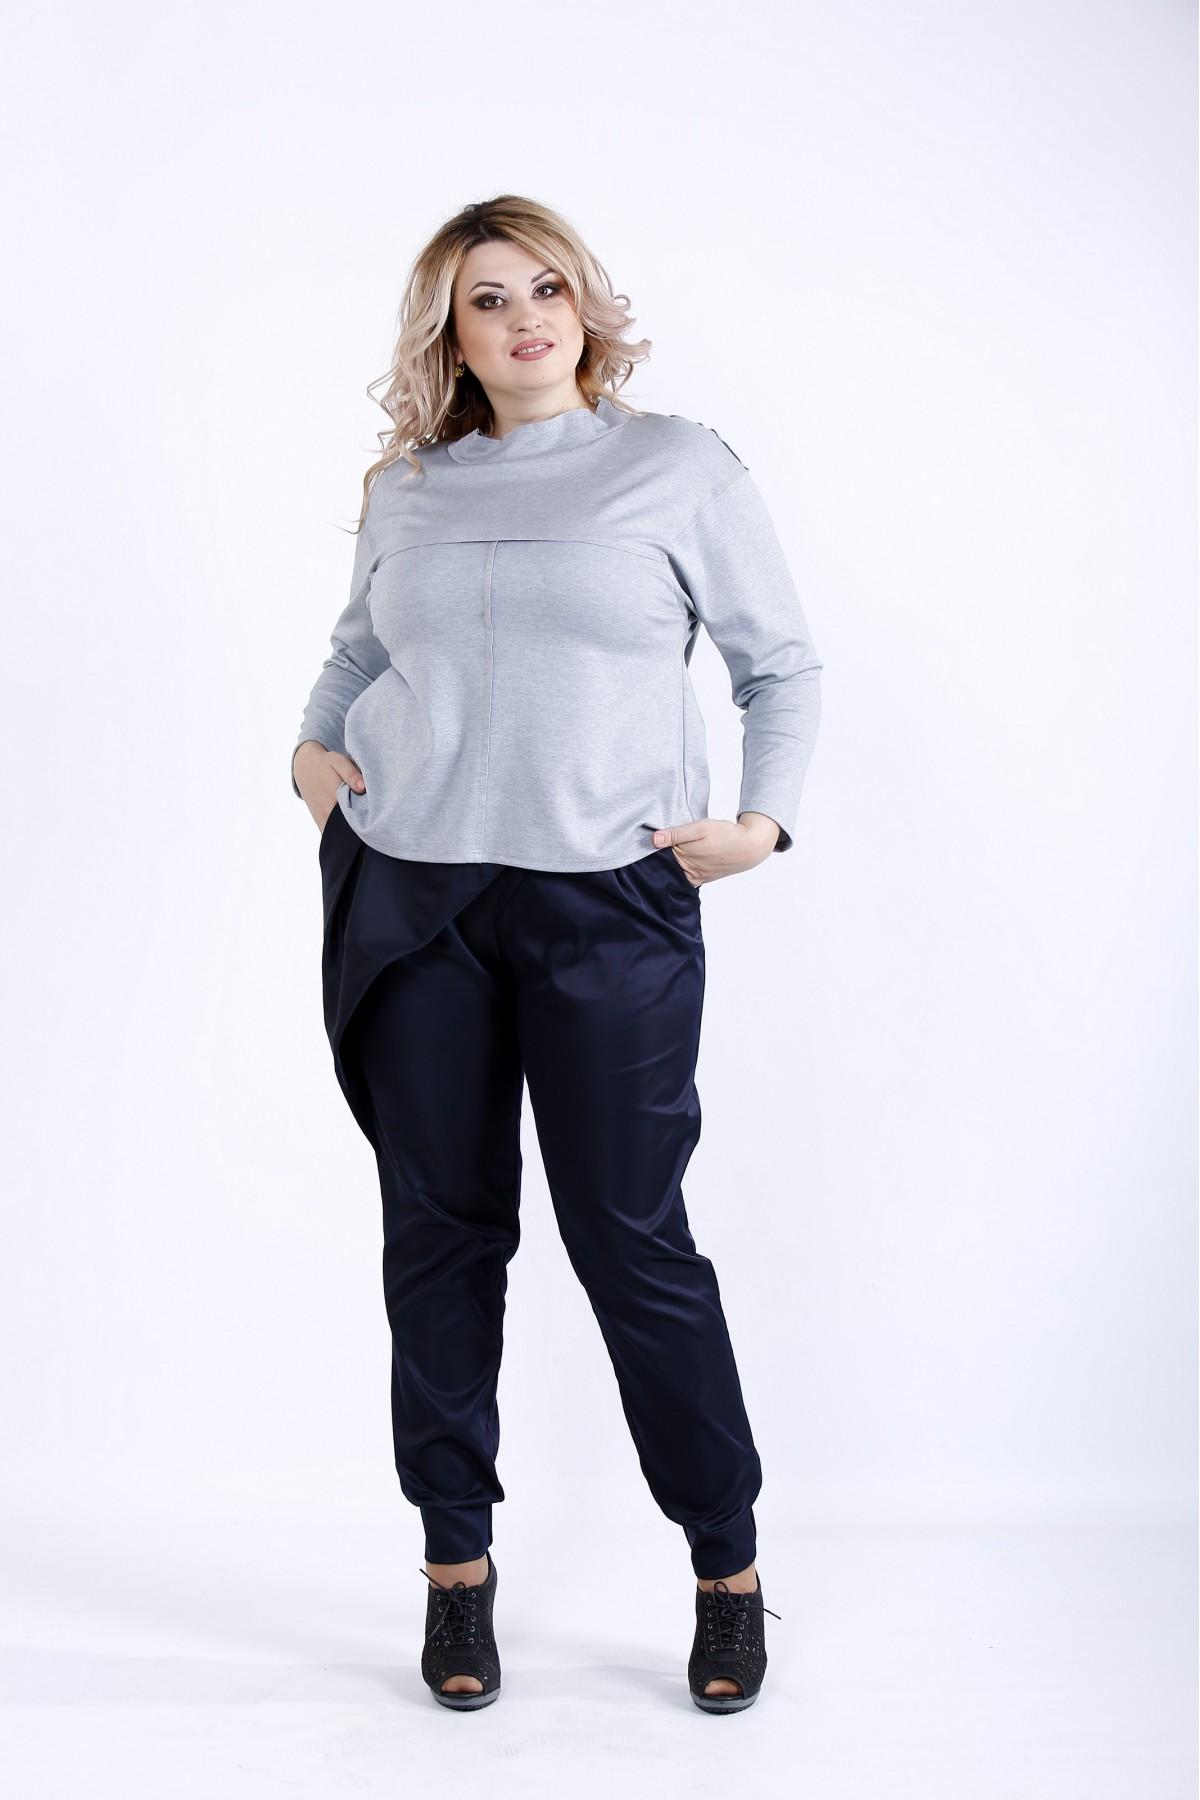 0885-3 | Светлая блузка с длинным рукавом